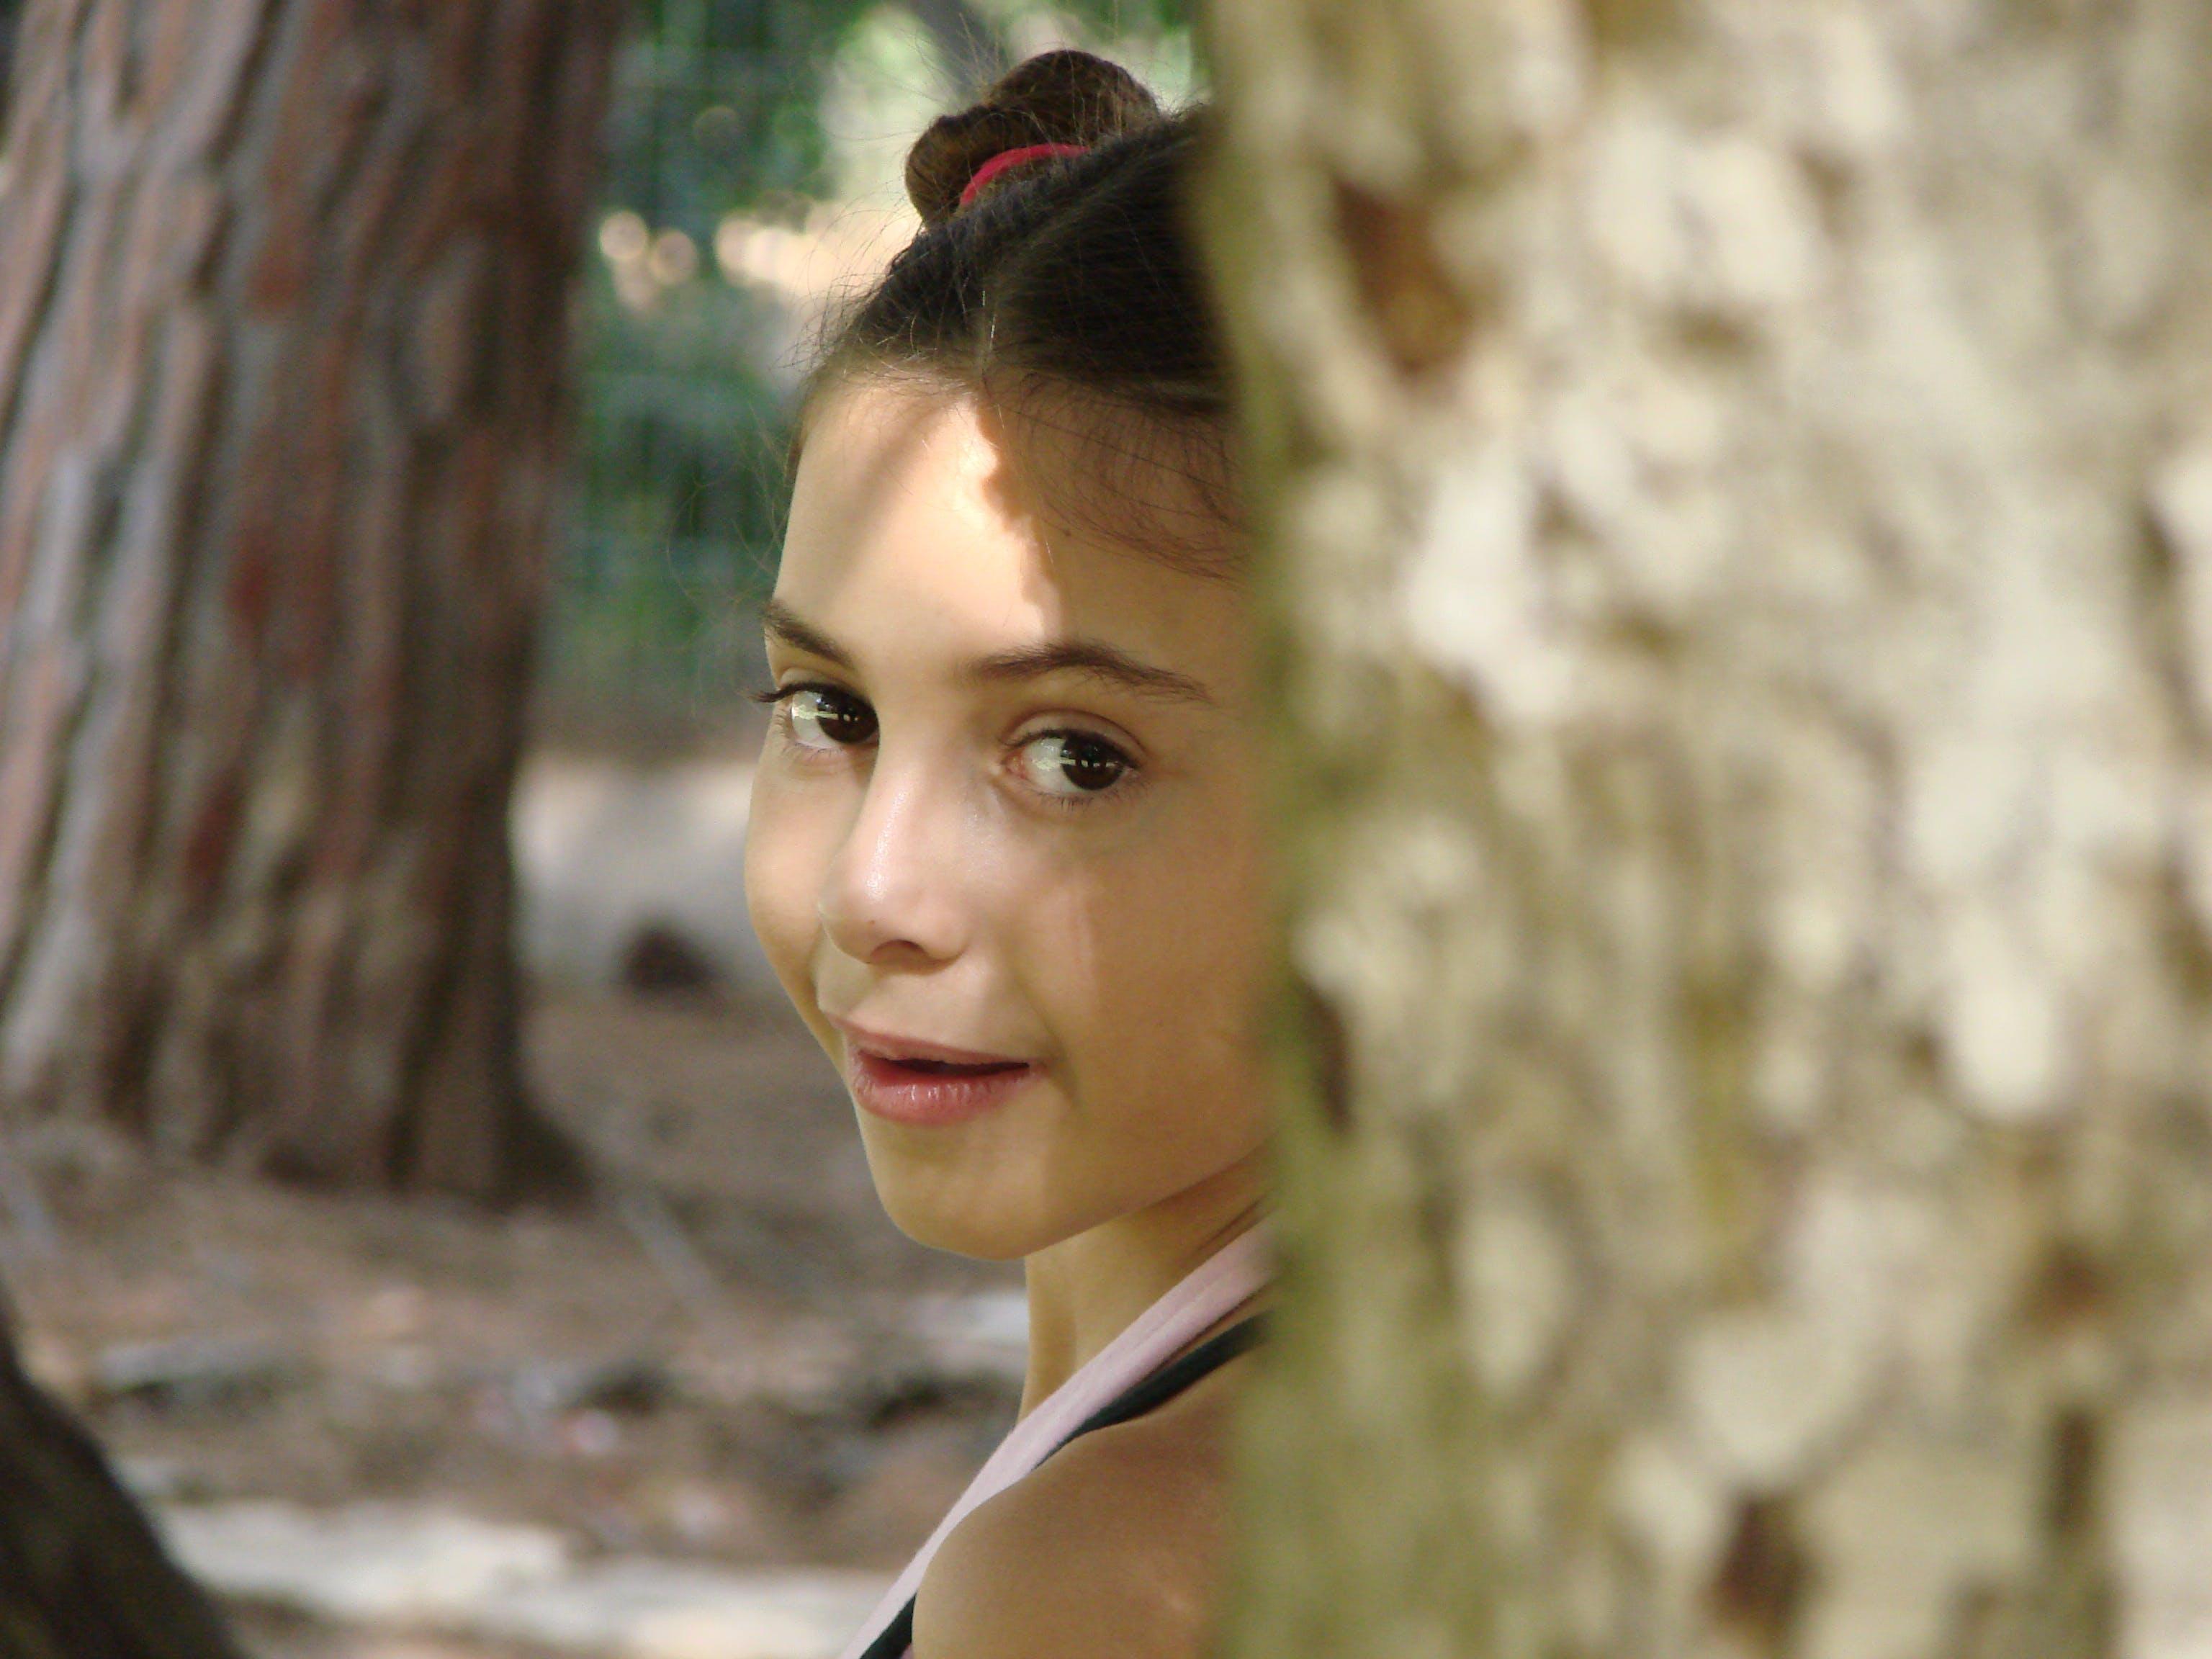 나무 뒤에 어린 소녀의 무료 스톡 사진